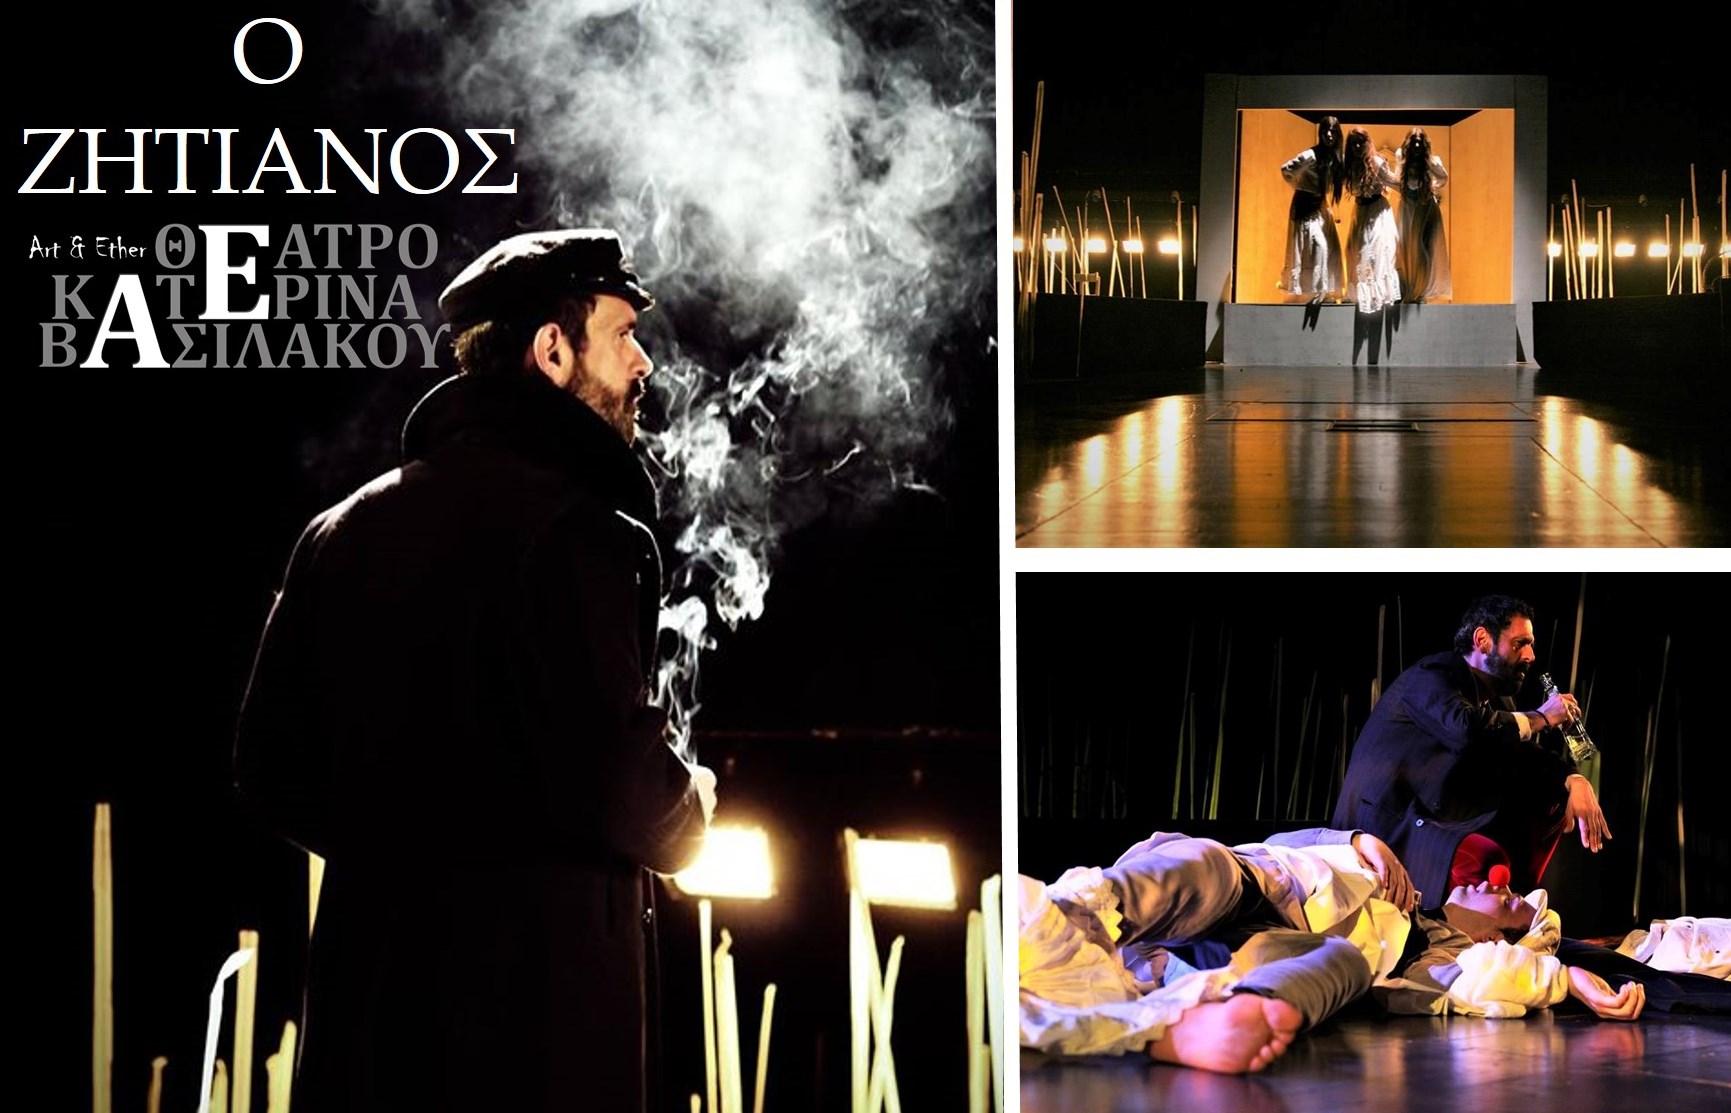 16€ από 30€ για είσοδο 2 ατόμων στο αριστούργημα του Ανδρέα Καρκαβίτσα ''Ο Ζητιάνος'' στο θέατρο Κατερίνα Βασιλάκου. Για 4 μόνο παραστάσεις! εικόνα